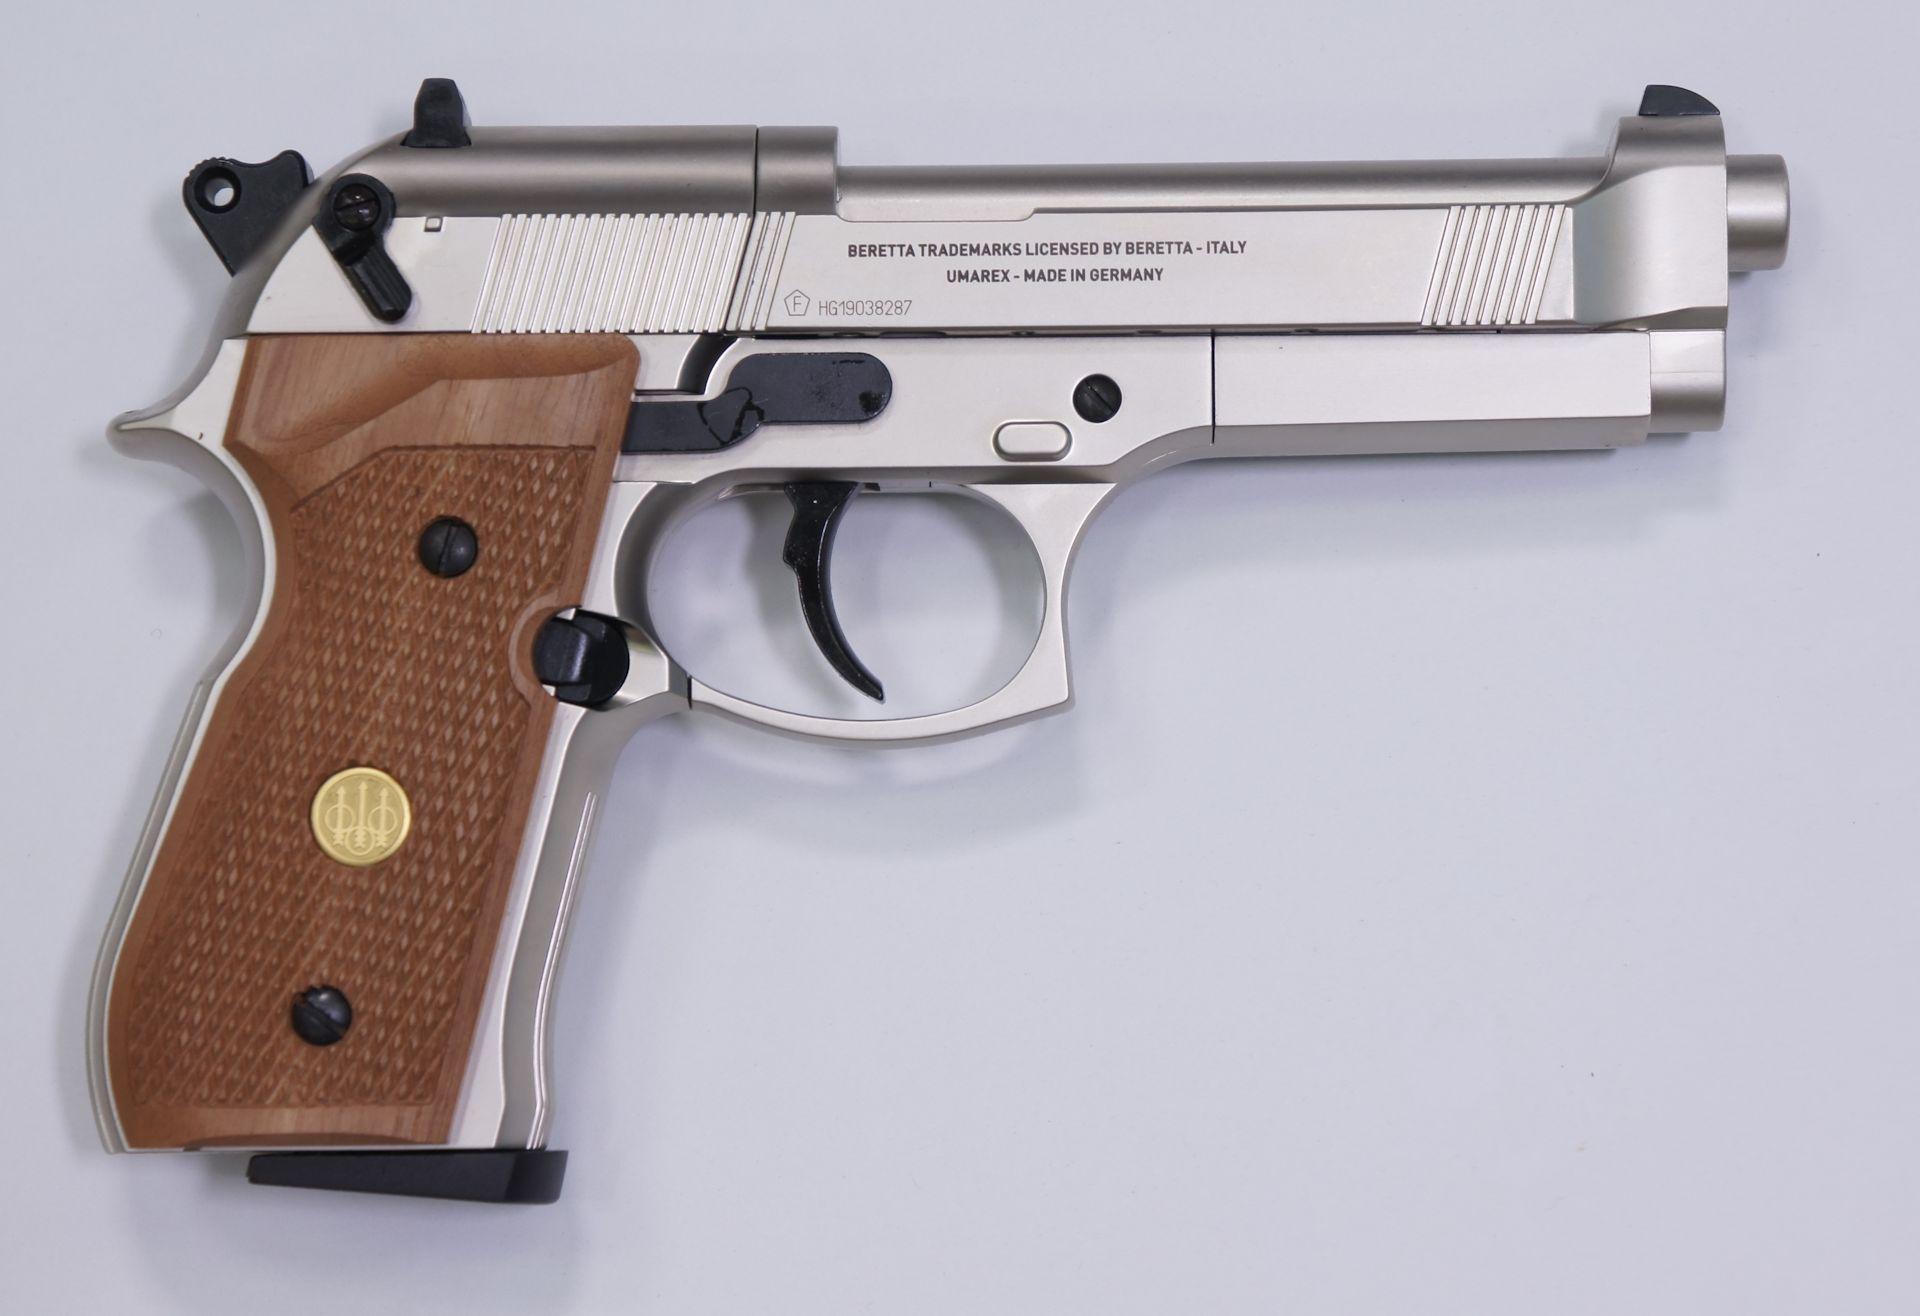 Von der rechten Seite ist die vernickelte CO2 Pistole Beretta 92 FS genau so authentisch.